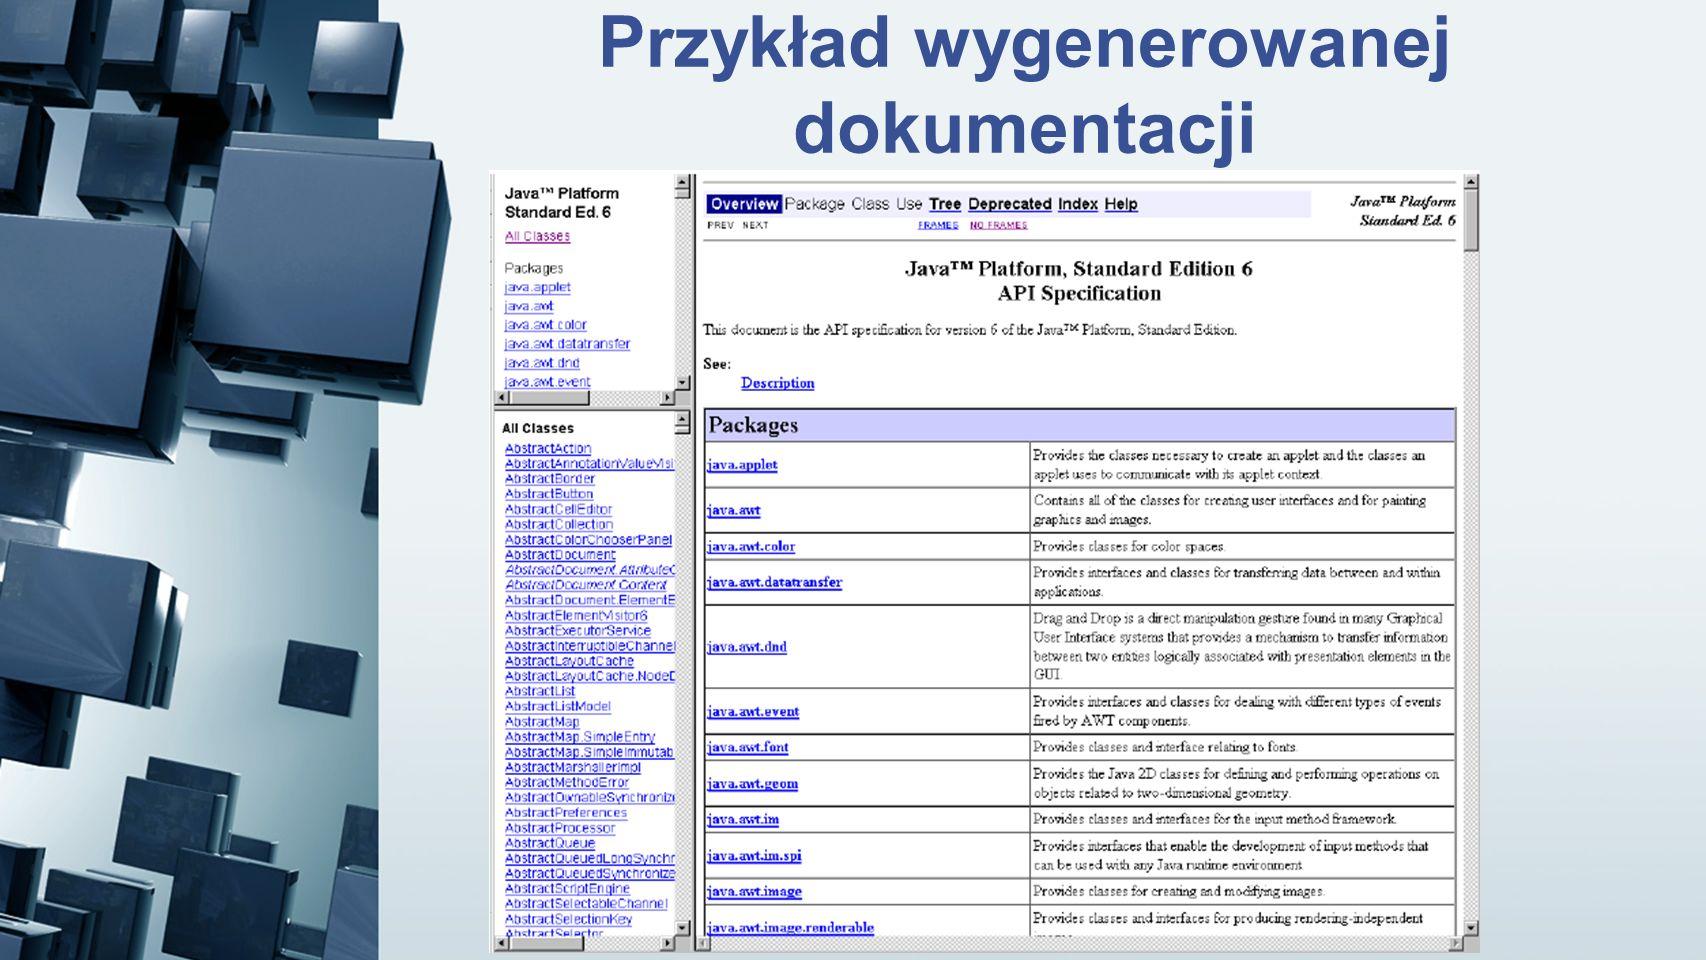 Przykład wygenerowanej dokumentacji